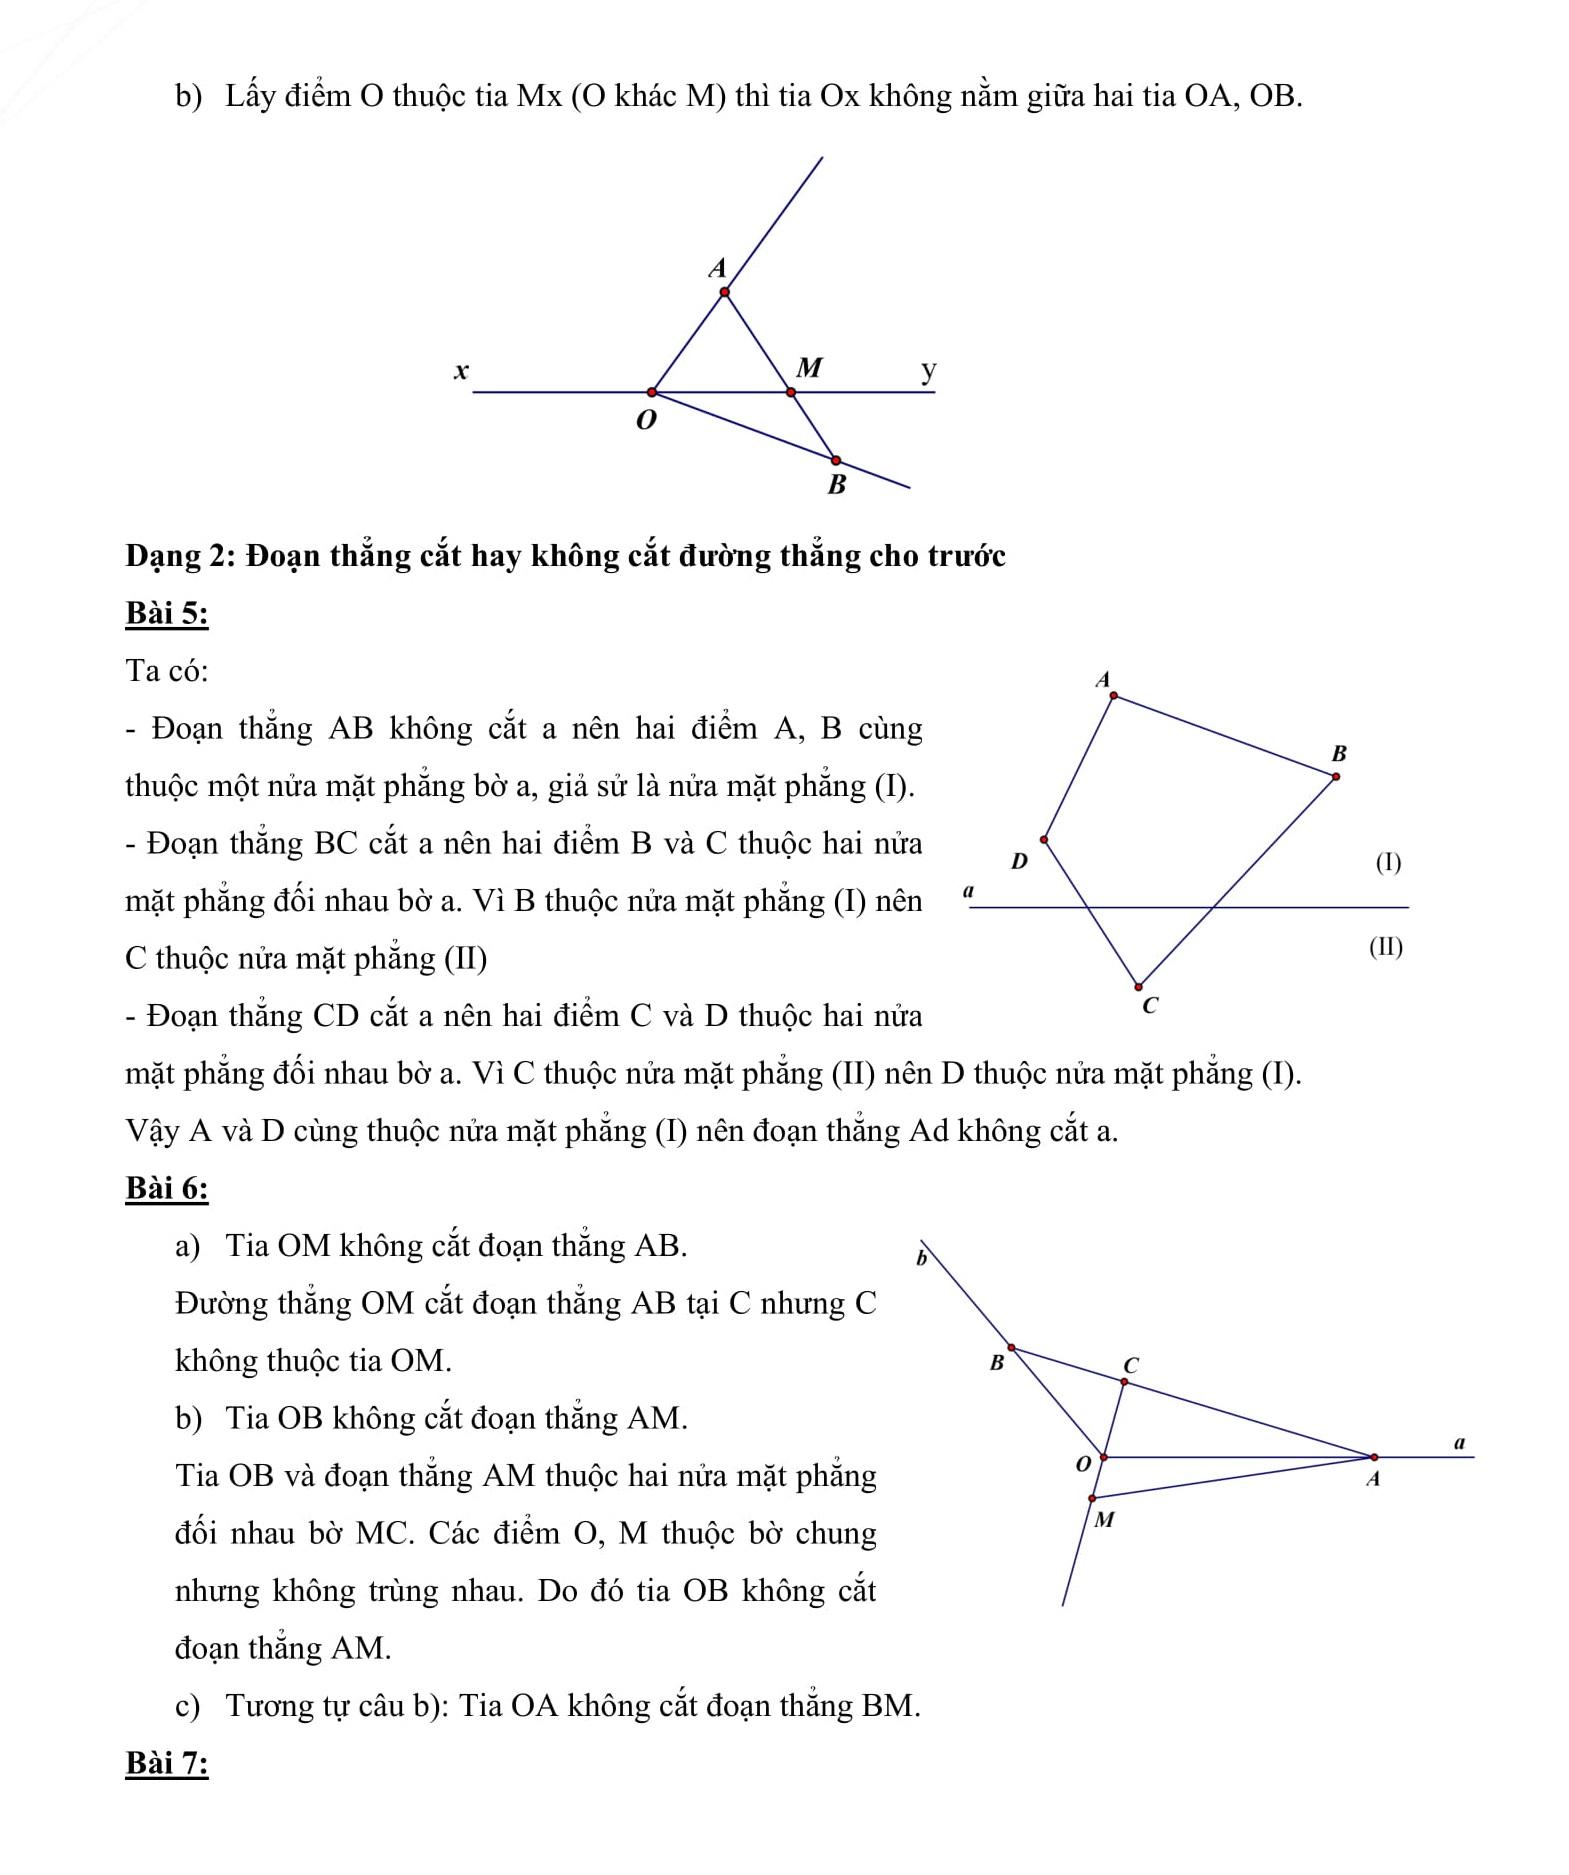 Phiếu bài tập Tuần 1 đến tuần 7 Bản word - Toán hình 6 HK2